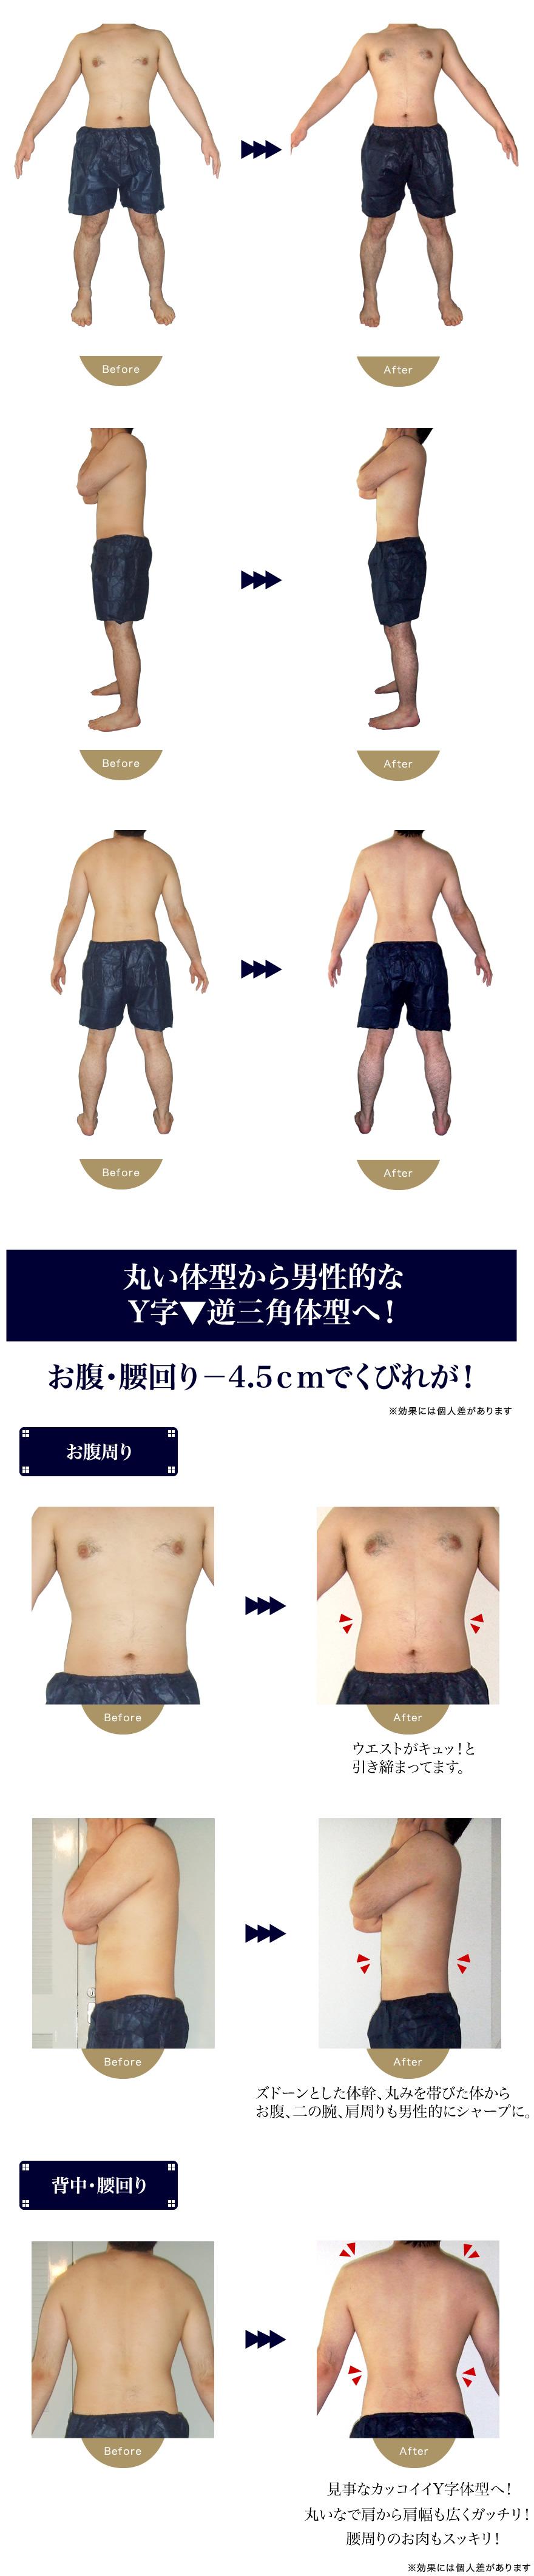 04:岸田伸